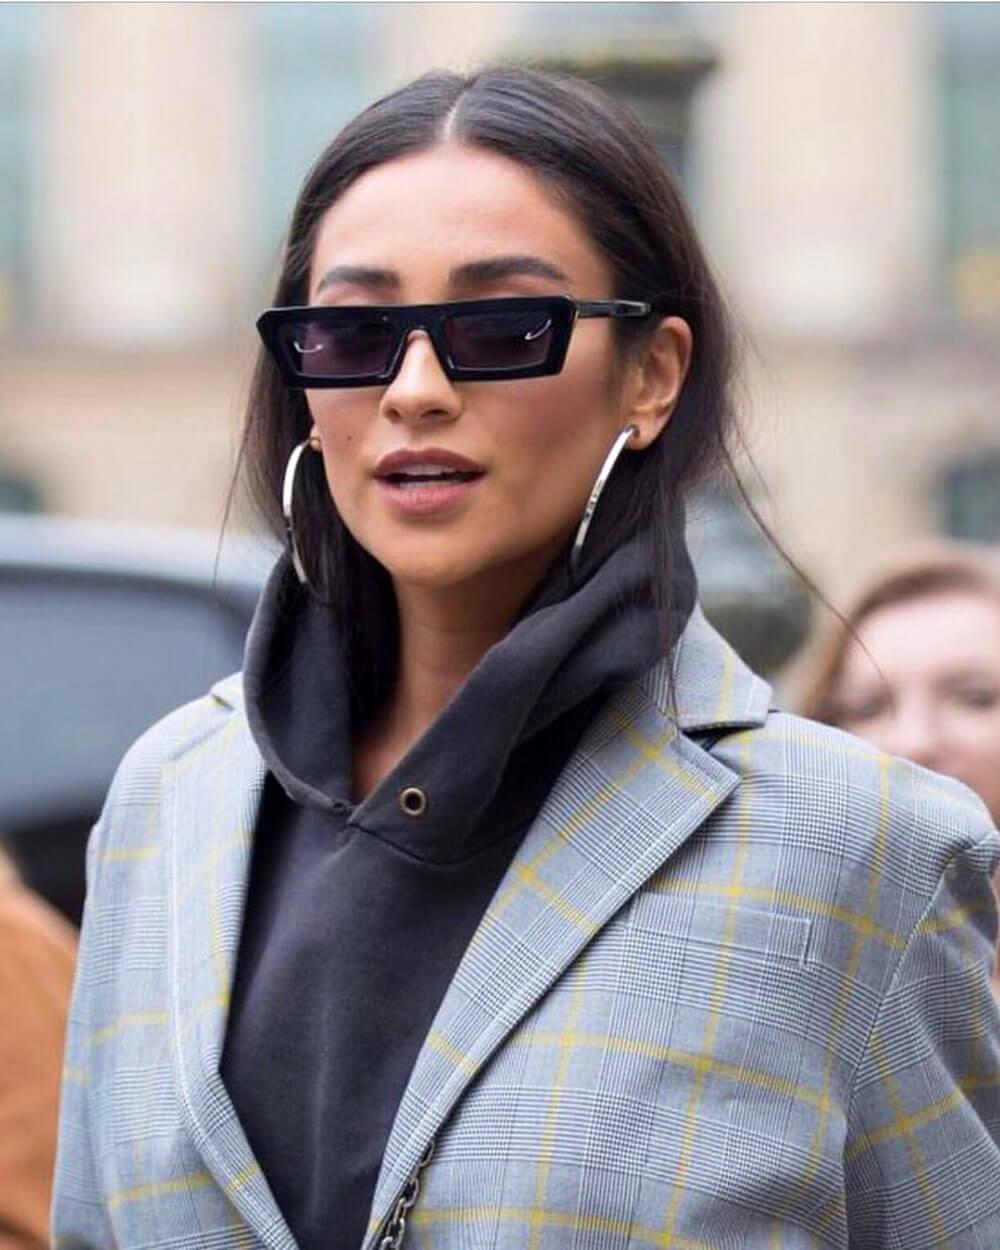 Shay Mitchel eyeglasses style 2020